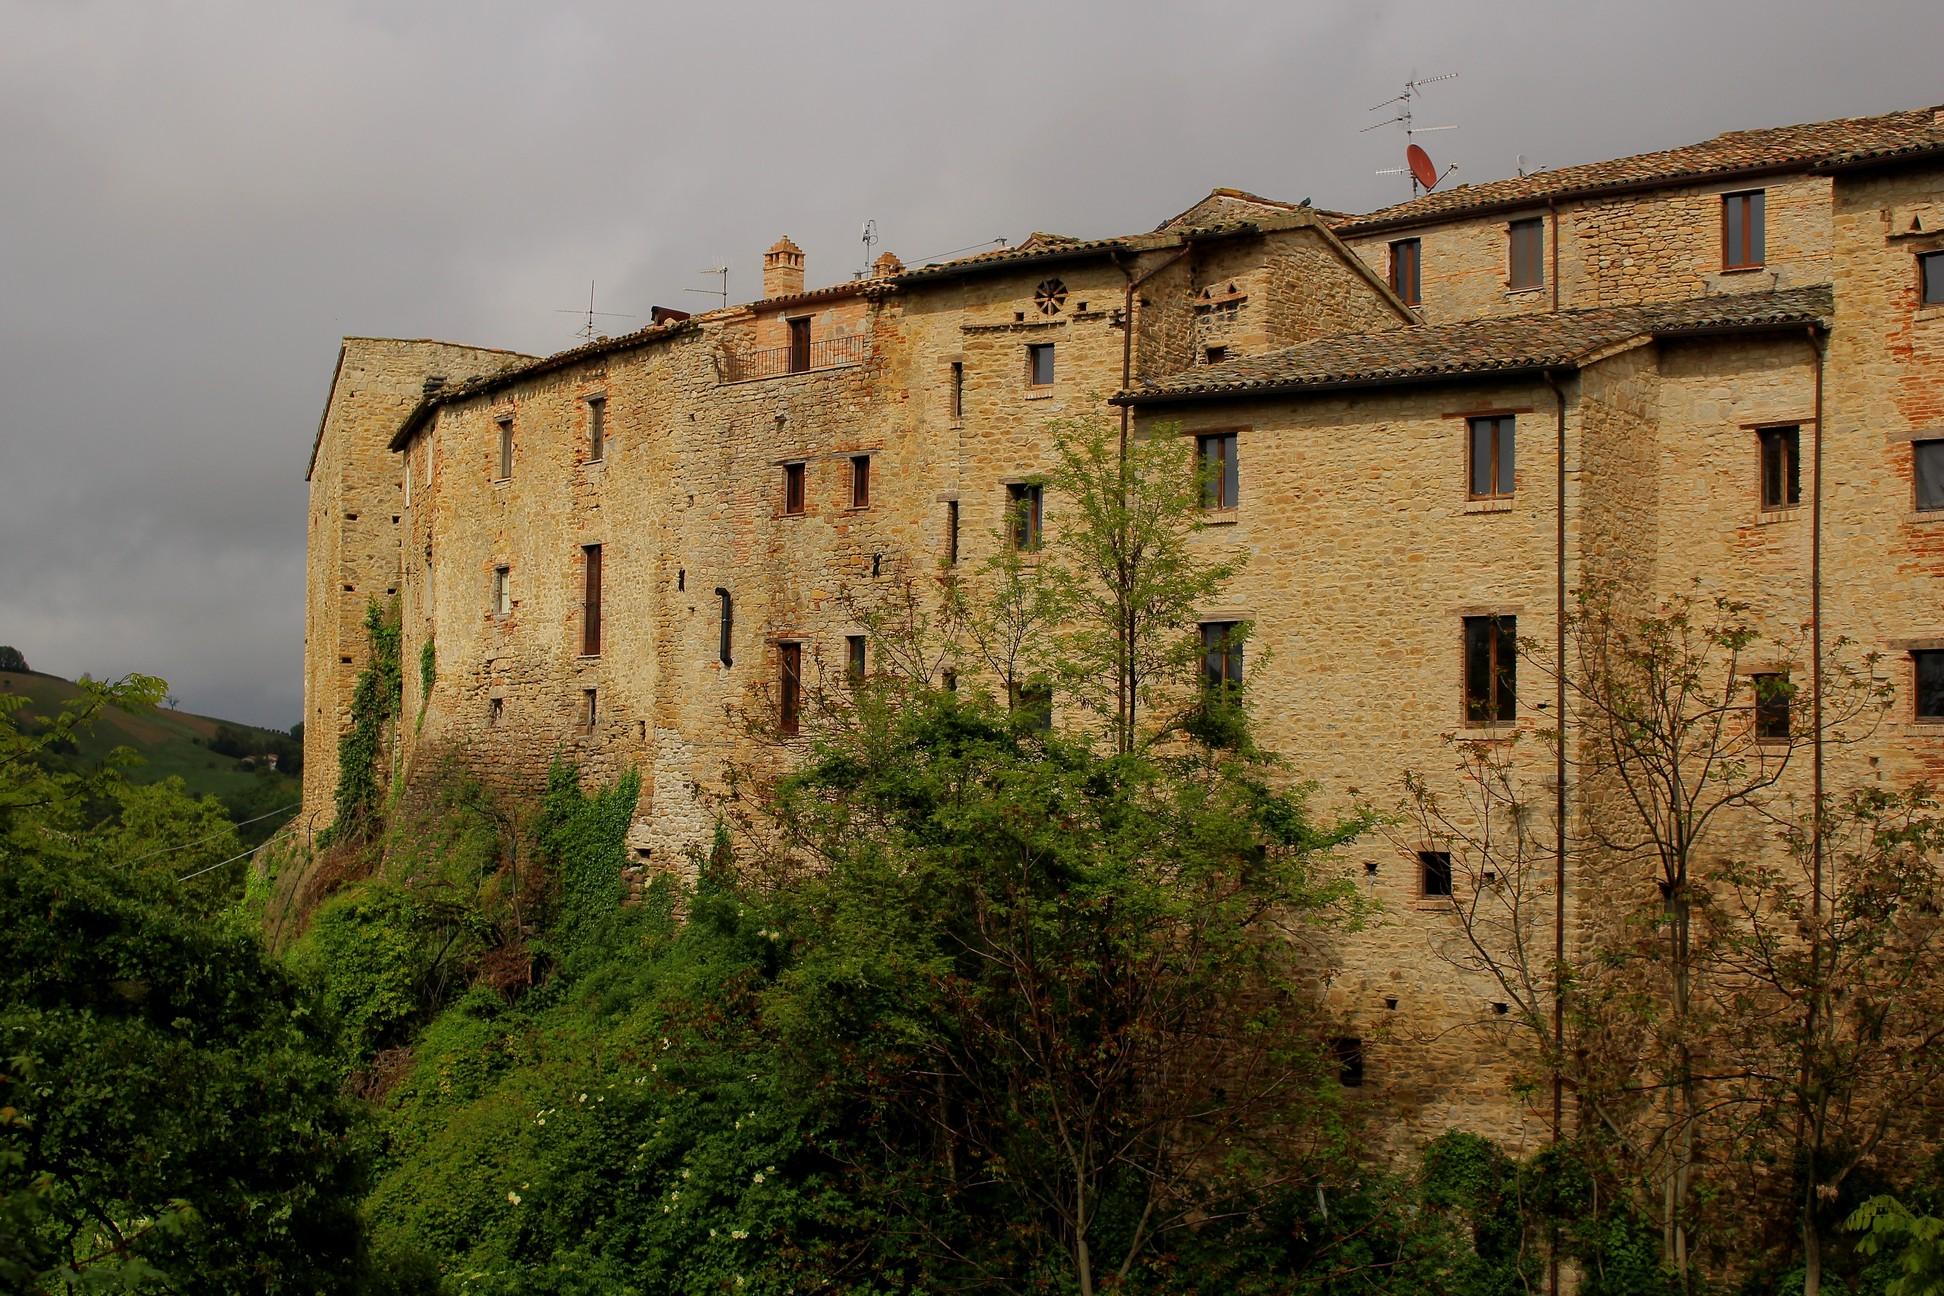 Tratti di cinta muraria (mura, difensive) - Rotella (AP)